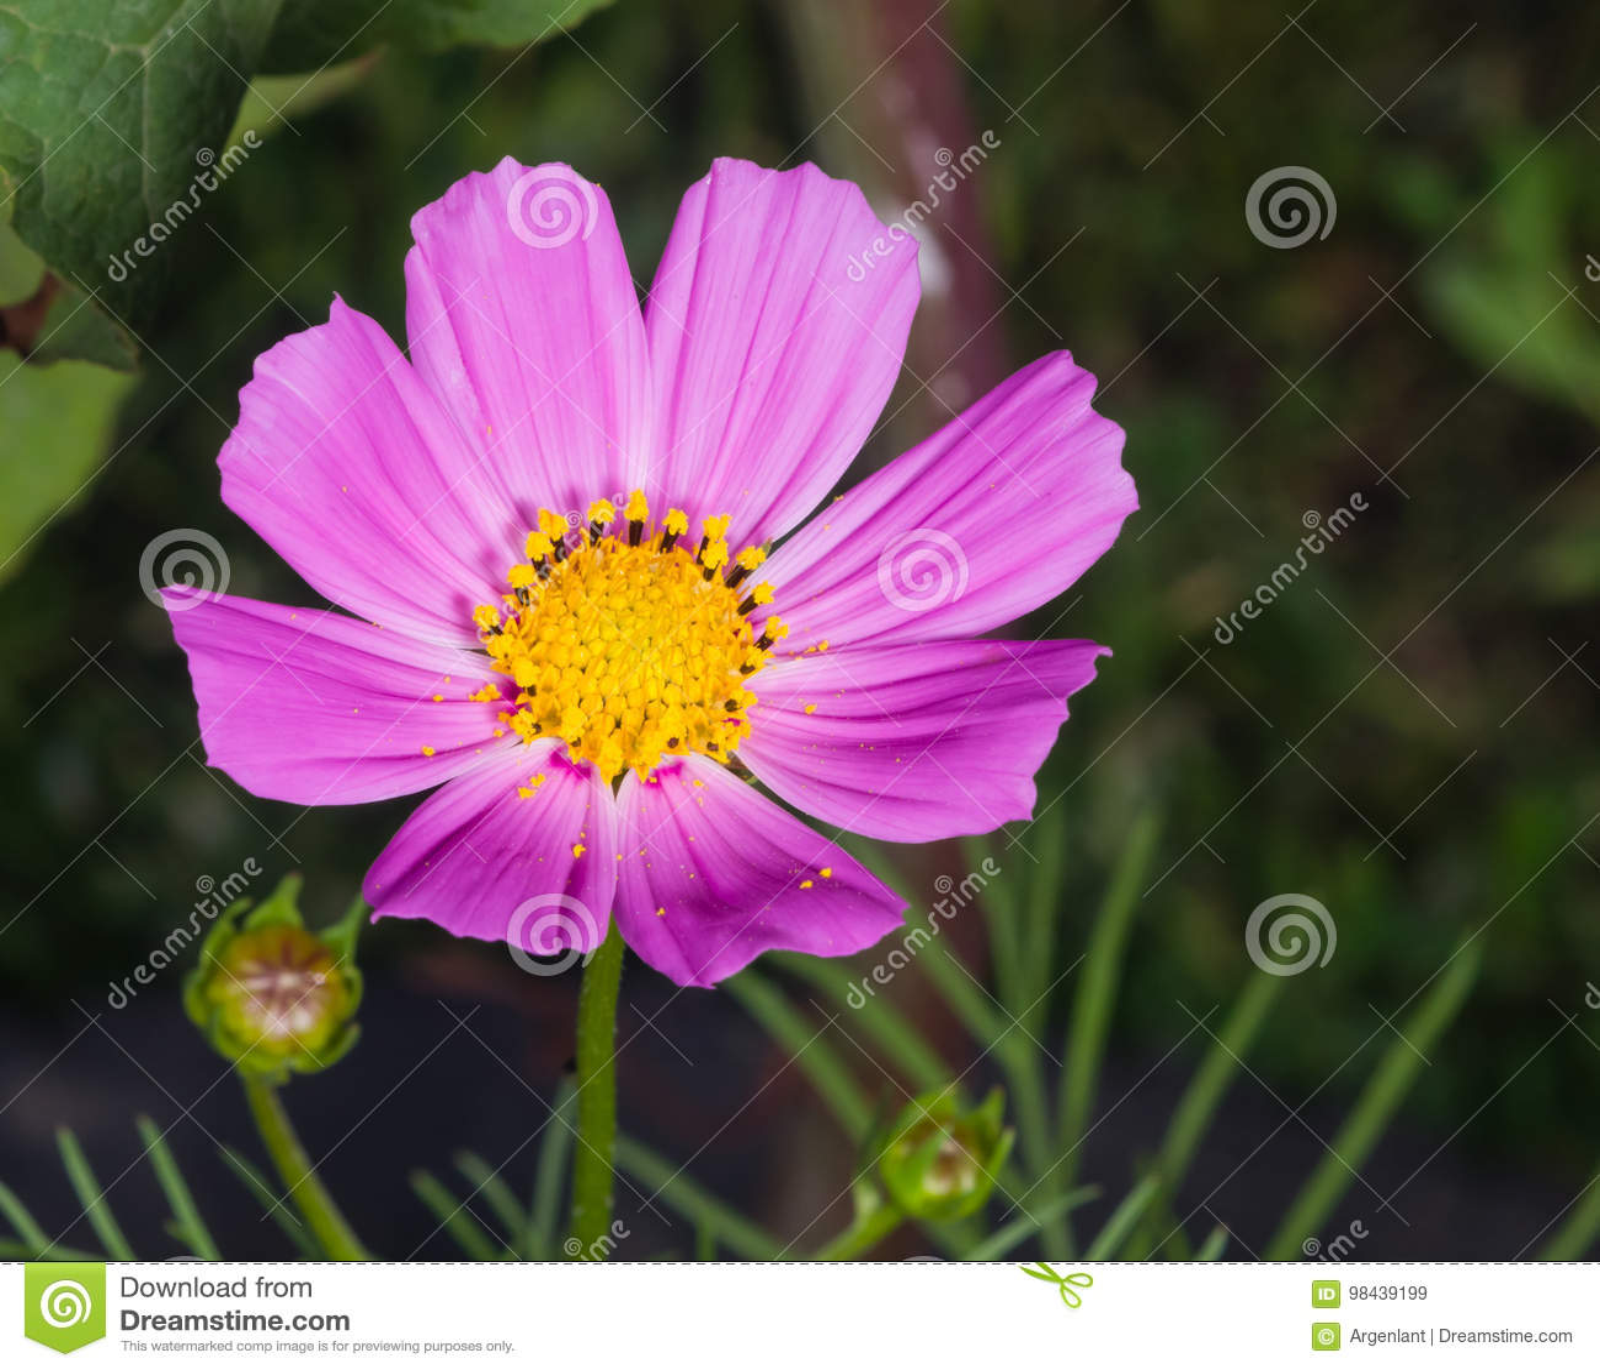 Μεξικάνικος κόσμος αστέρων ή κήπων, bipinnatus κόσμου, πορφυρή κινηματογράφηση σε πρώτο πλάνο λουλουδιών, εκλεκτική εστίαση, ρηχό